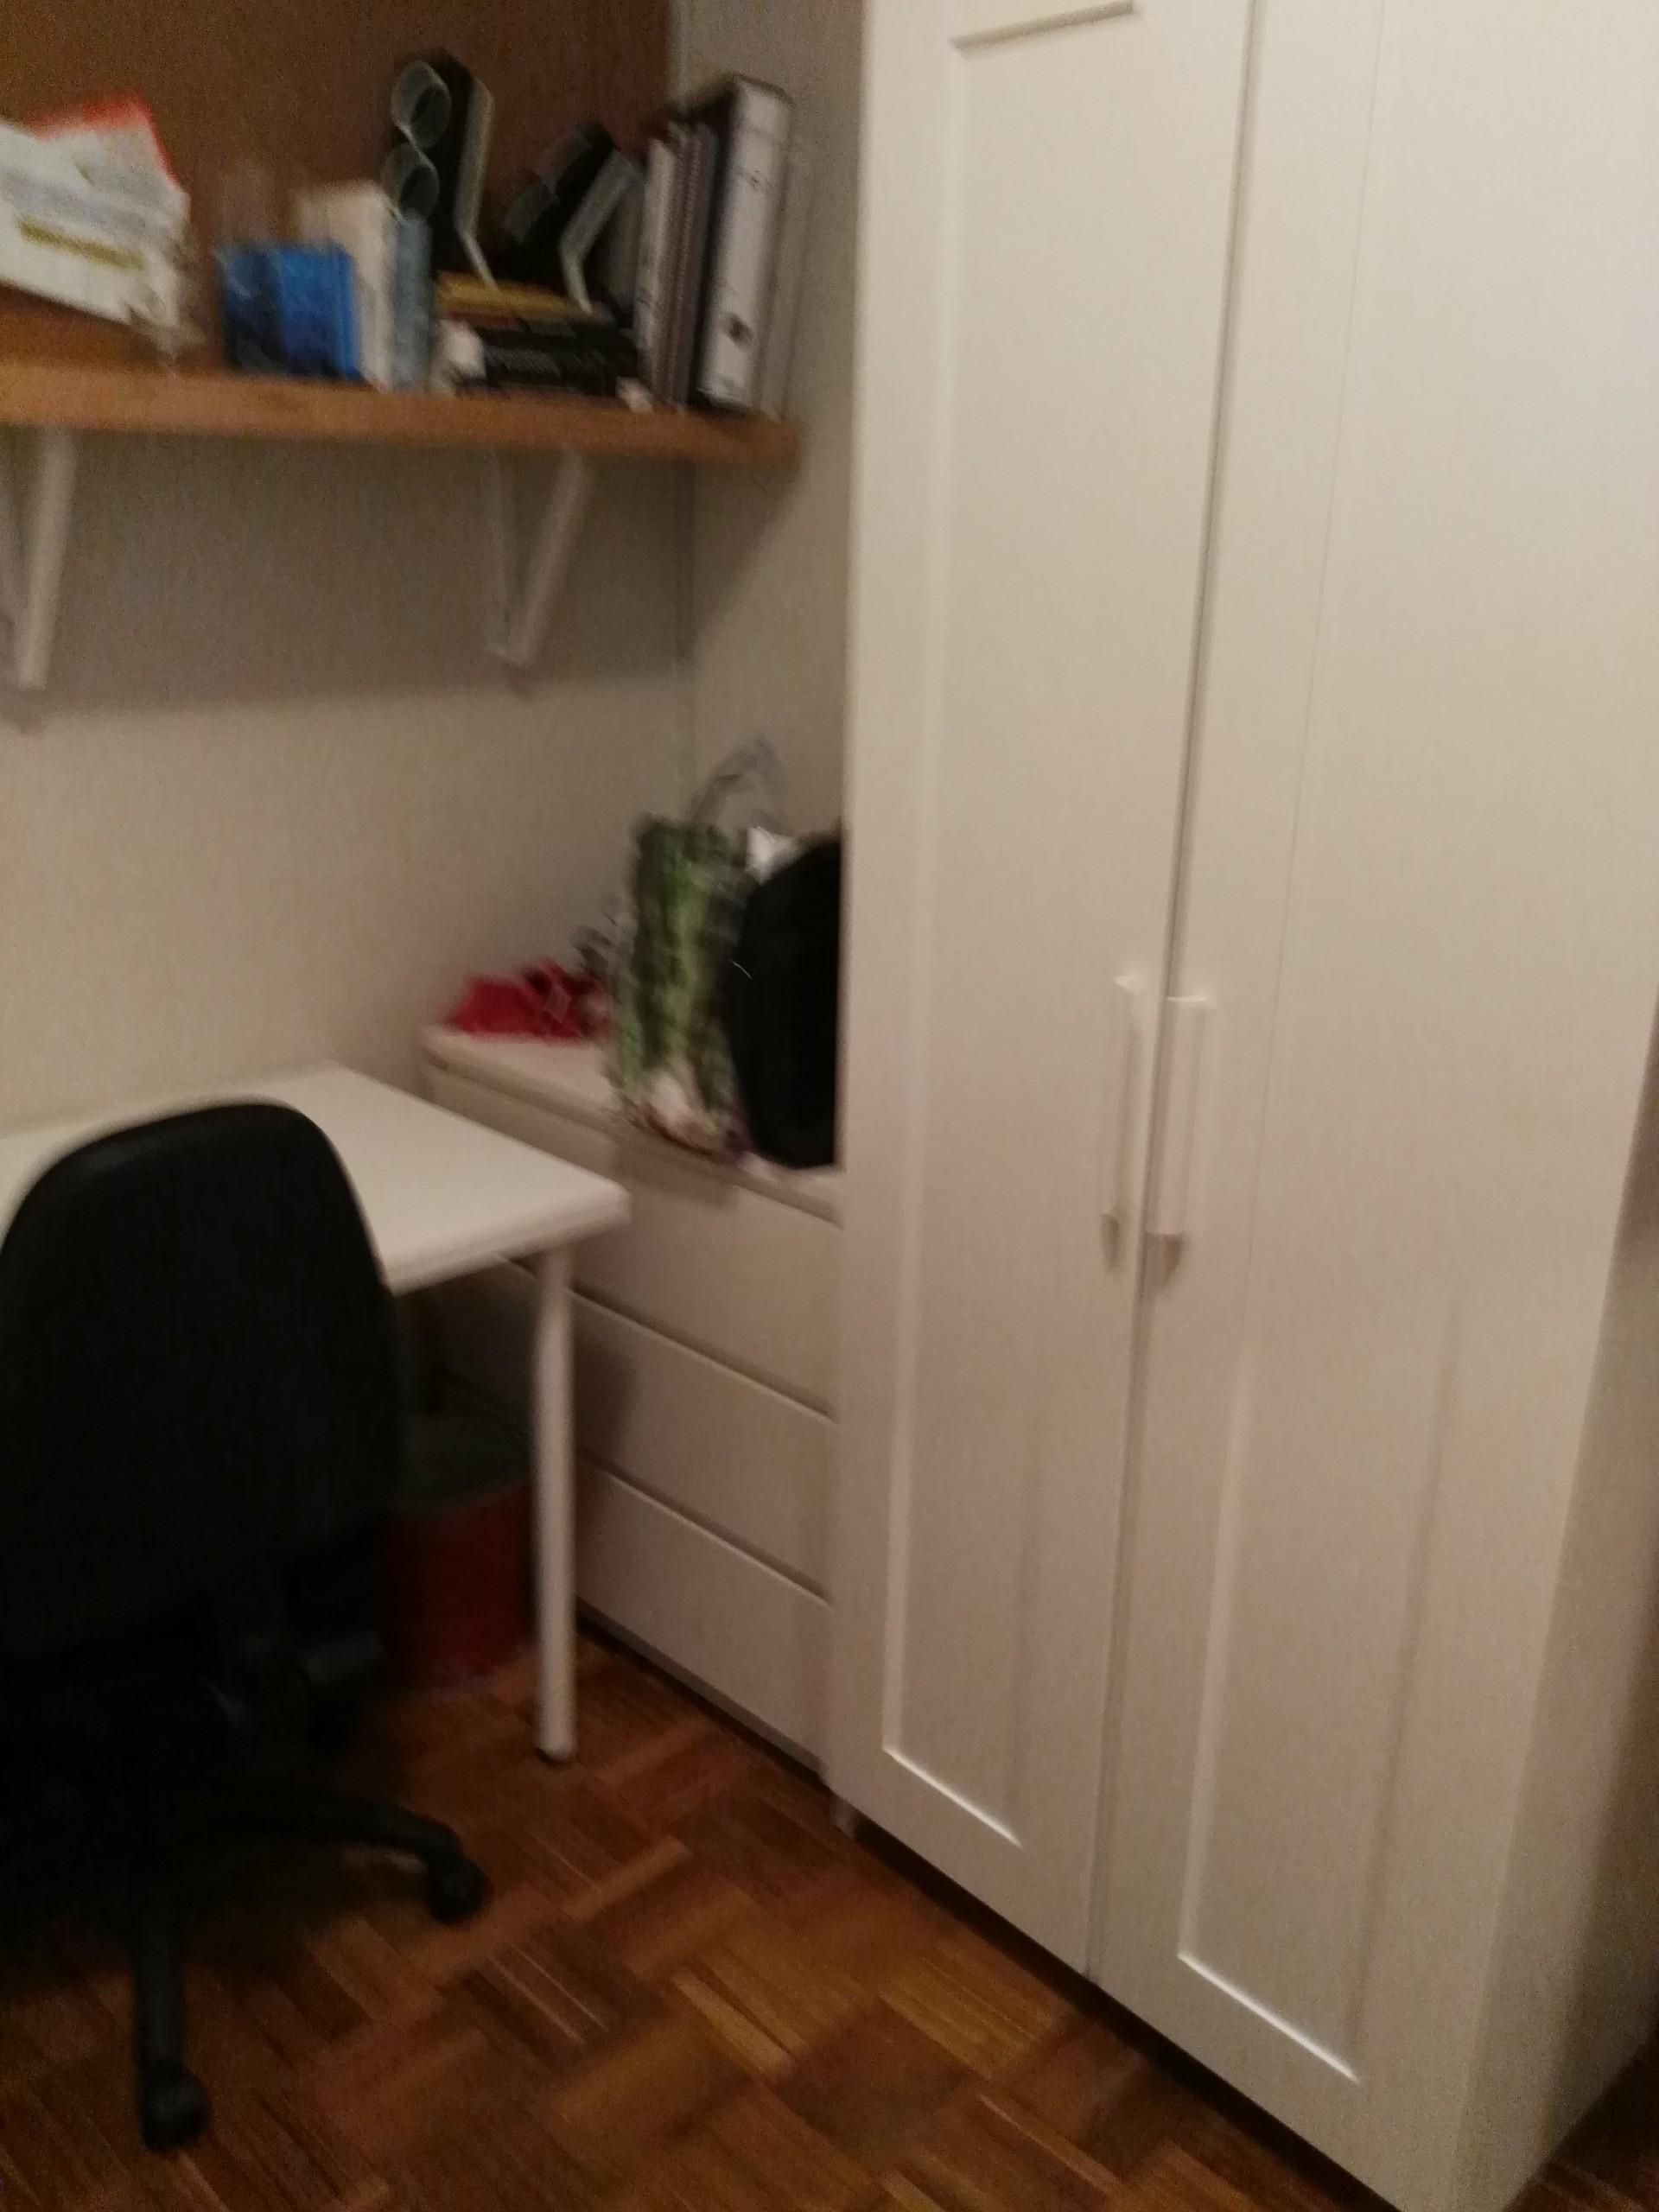 habitacion-piso-ambiente-tranquilo-estudio-c7b1d5e1eedbfb6d7e3ee6c1de7c7c52